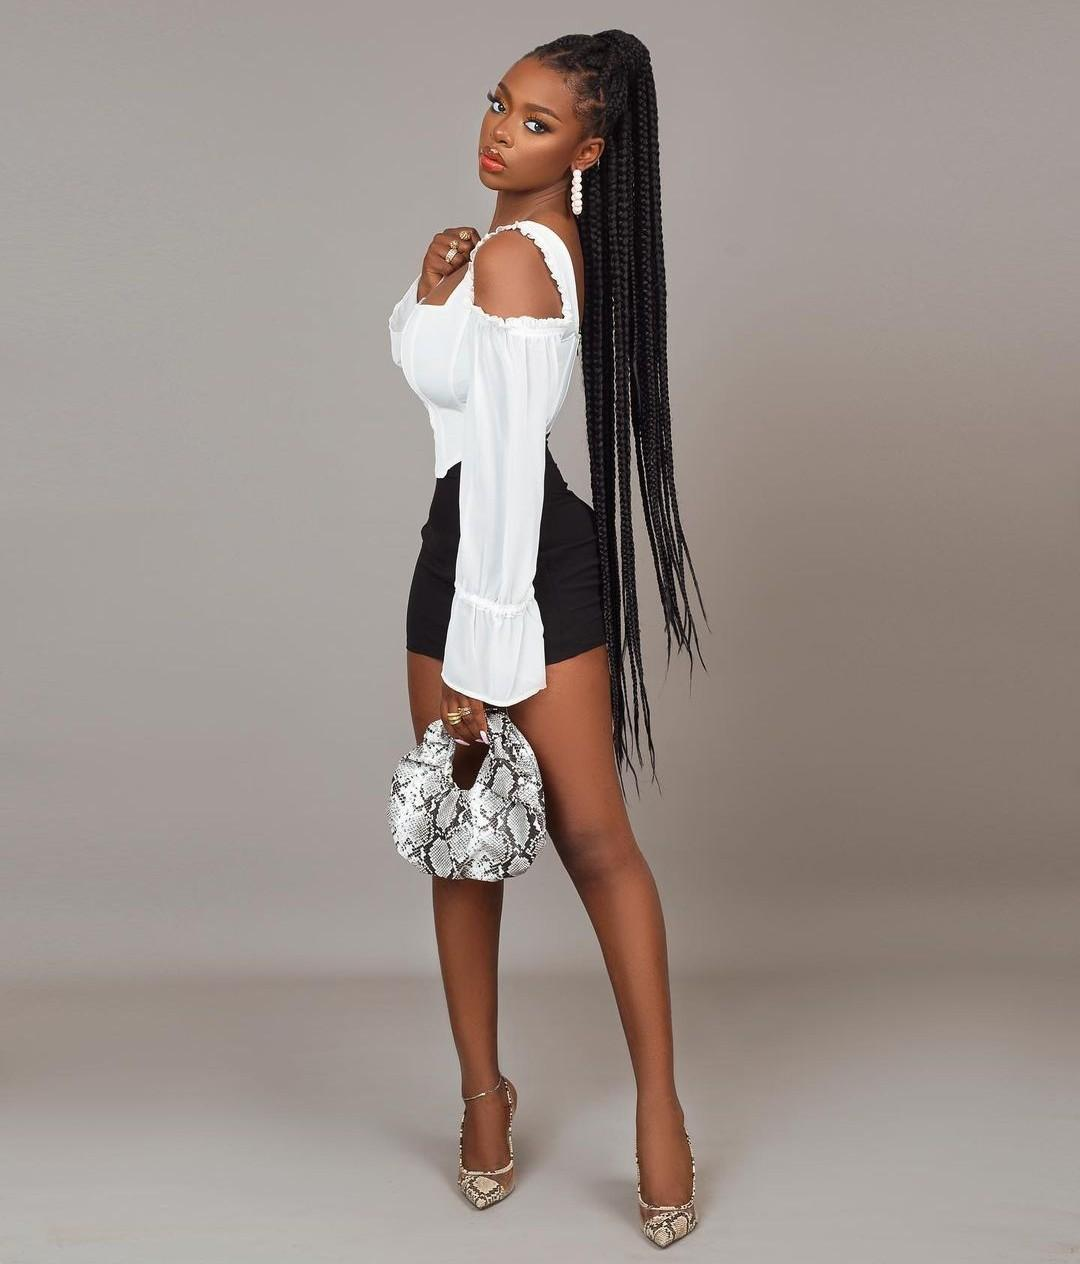 BBNaija: Mercy Eke Mocks Diane Over Her Edited Photo 2